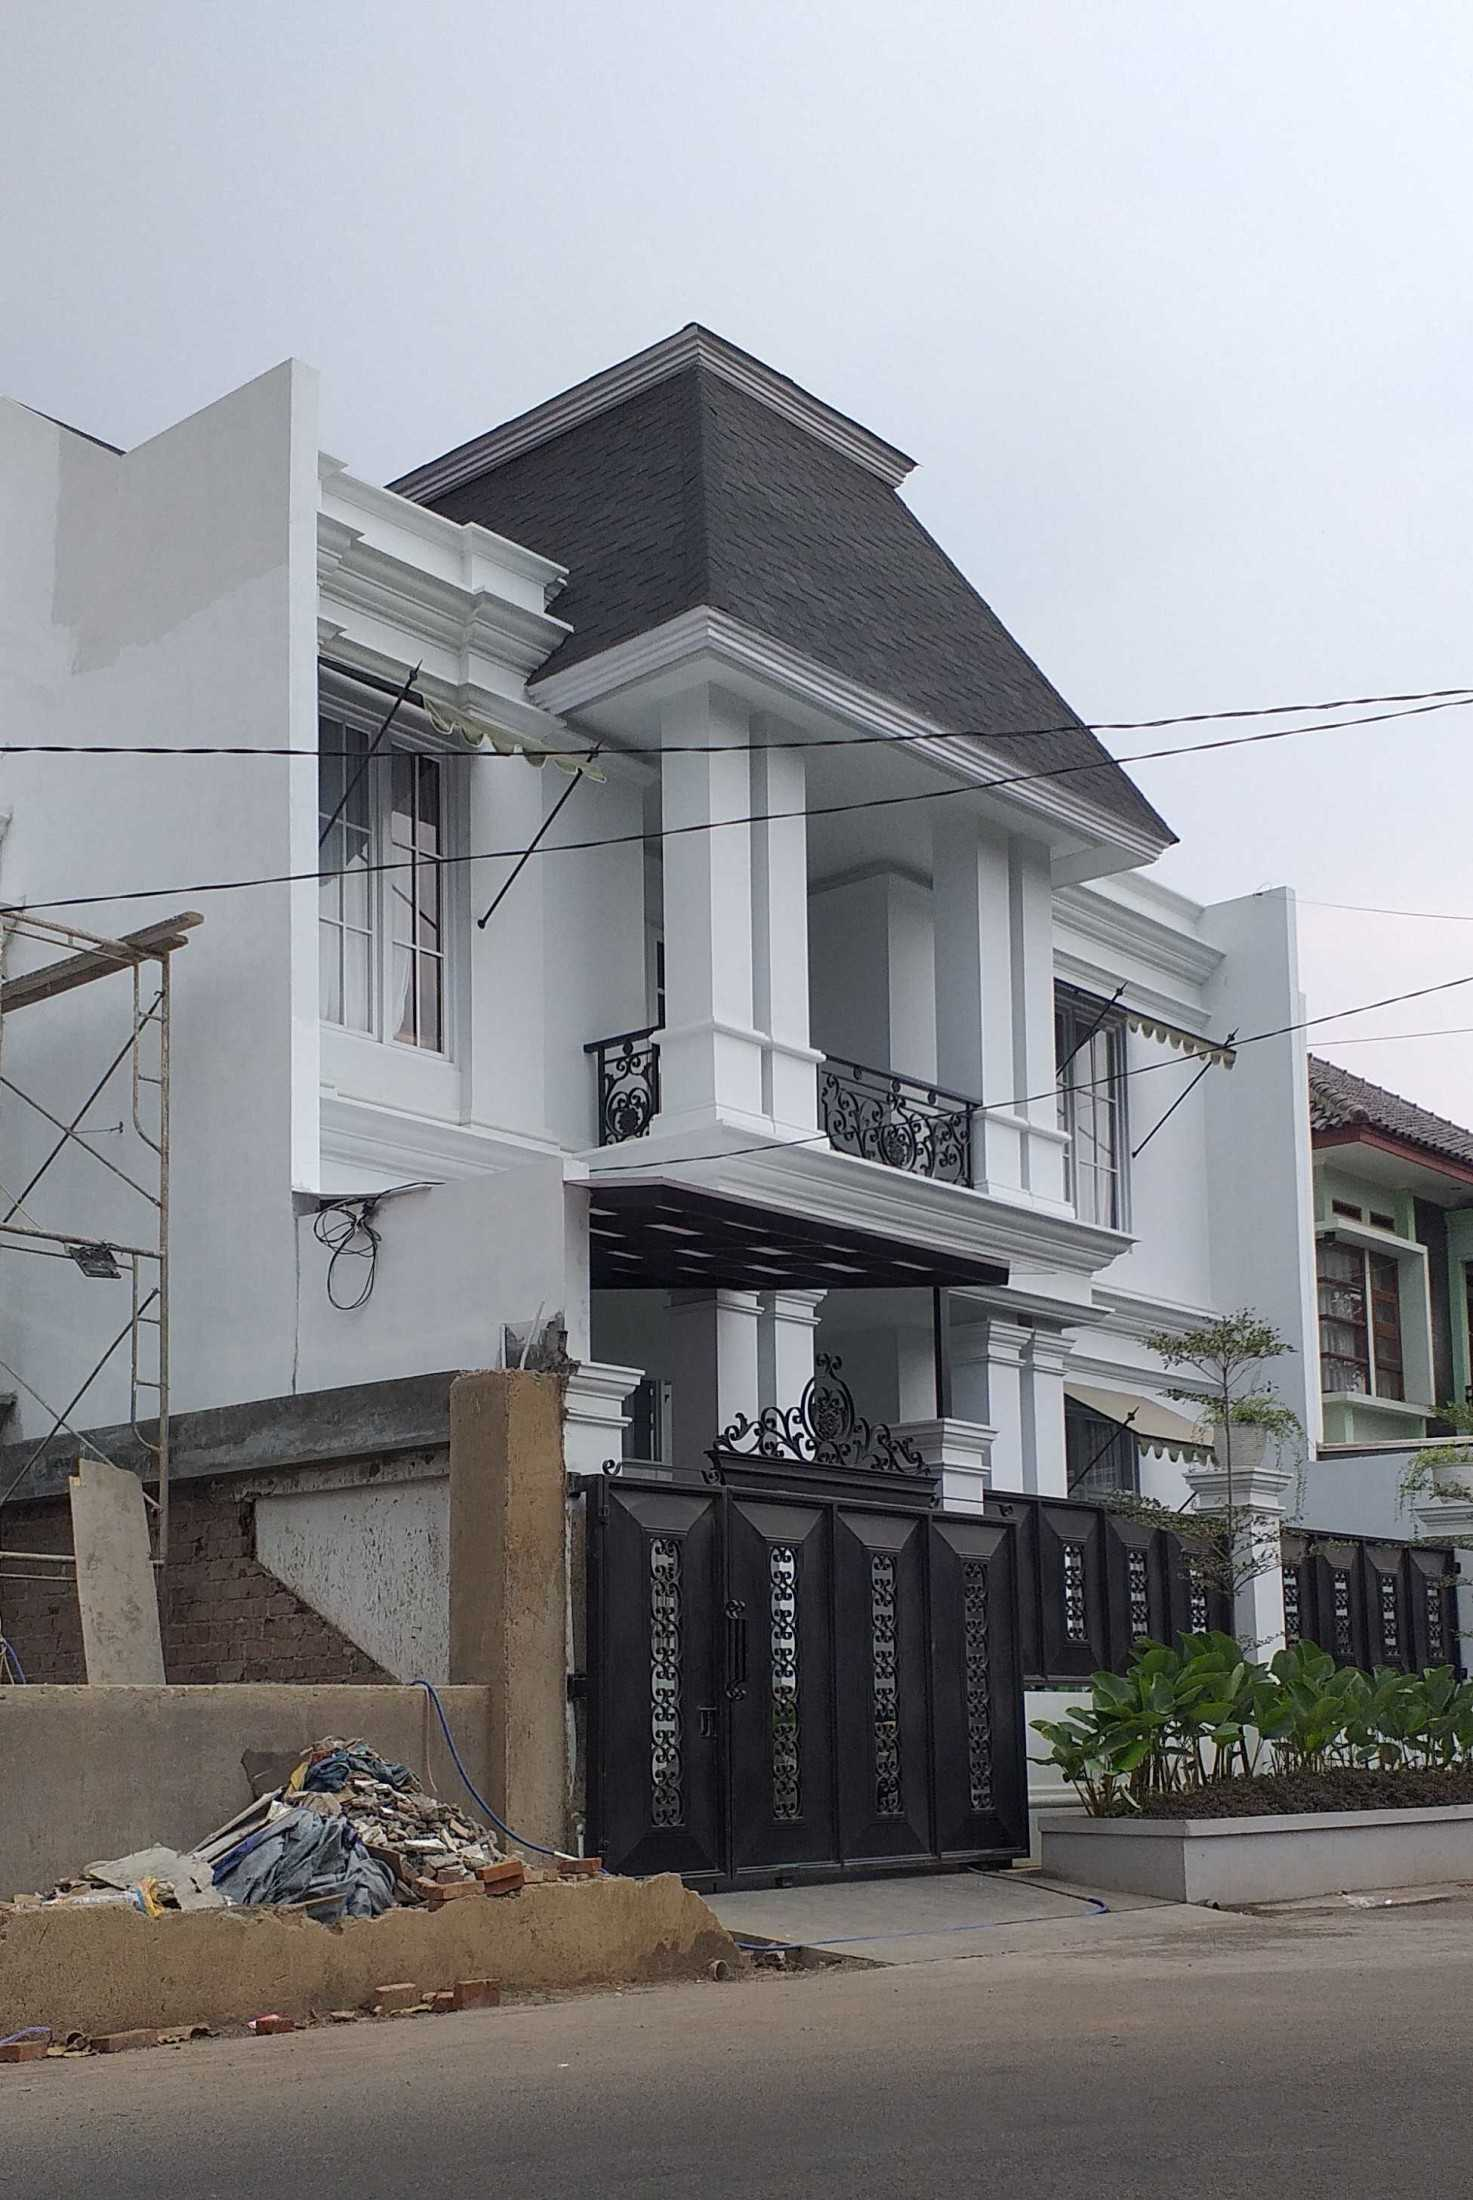 Himbar Buana Konstruksi Cs - House Kec. Margahayu, Bandung, Jawa Barat, Indonesia Kec. Margahayu, Bandung, Jawa Barat, Indonesia Himbar-Buana-Konstruksi-Cs-House  73091